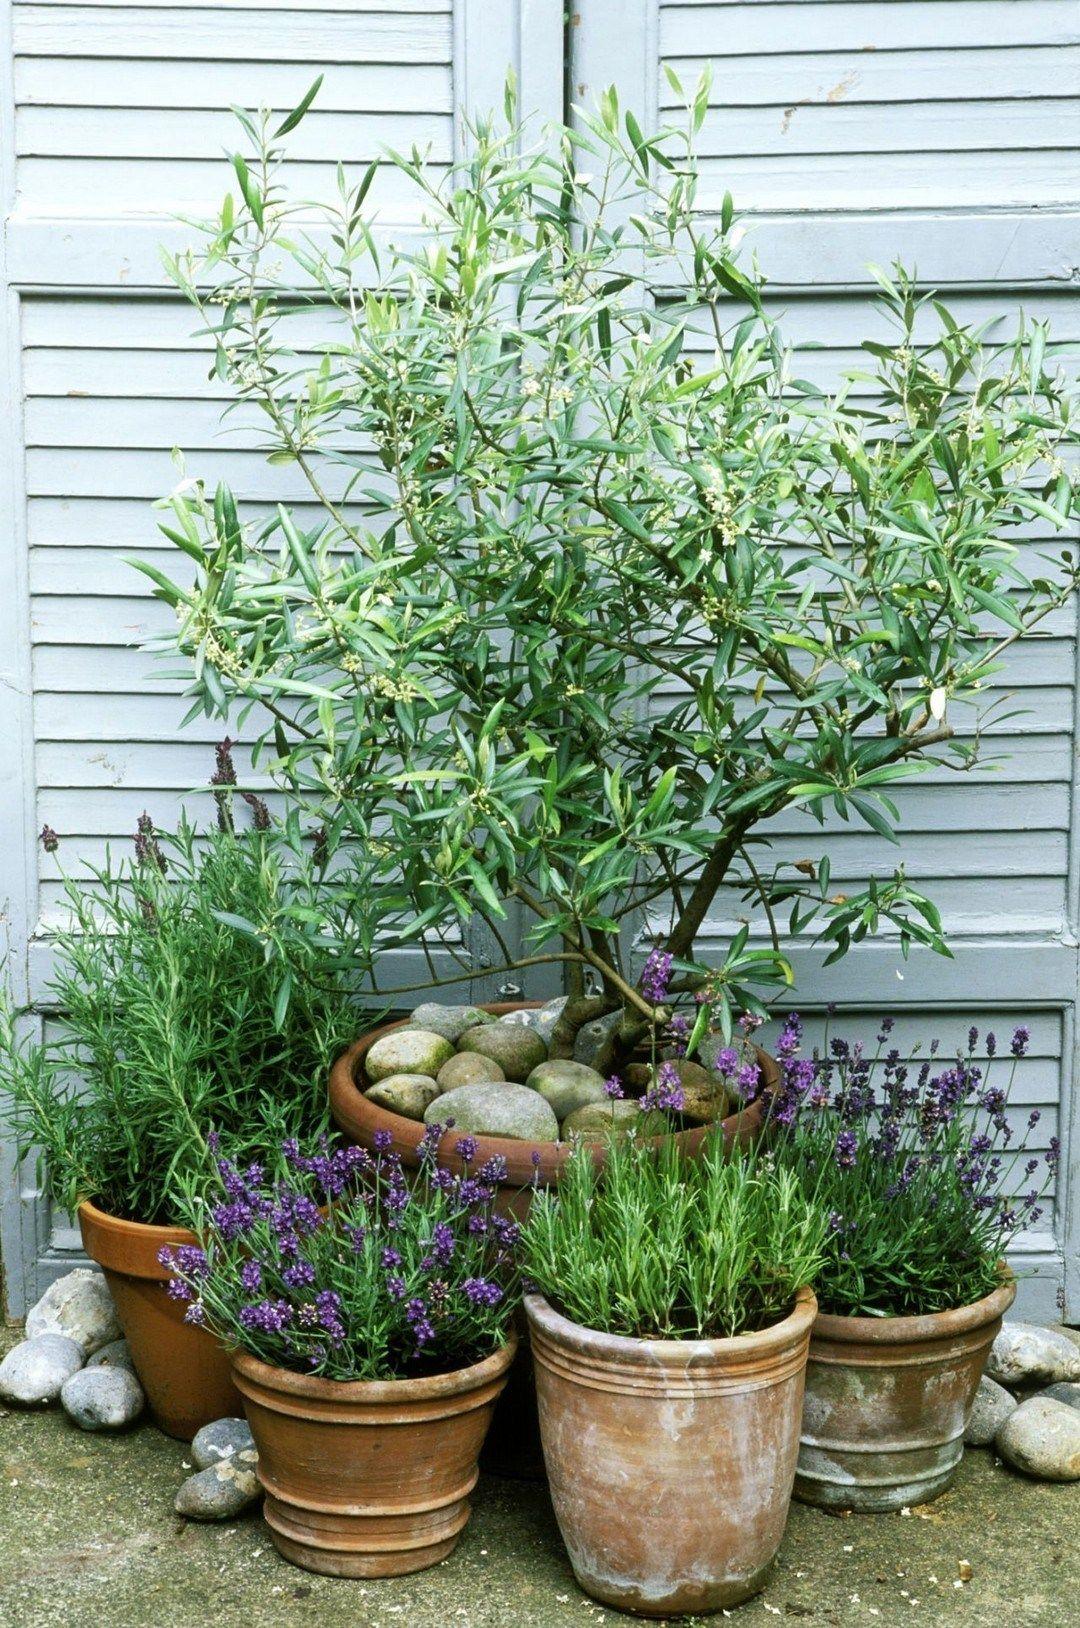 Modern Landscaping Mediterranean Garden Ideas 1 Mediterranean Garden Design Mediterranean Garden Small Gardens